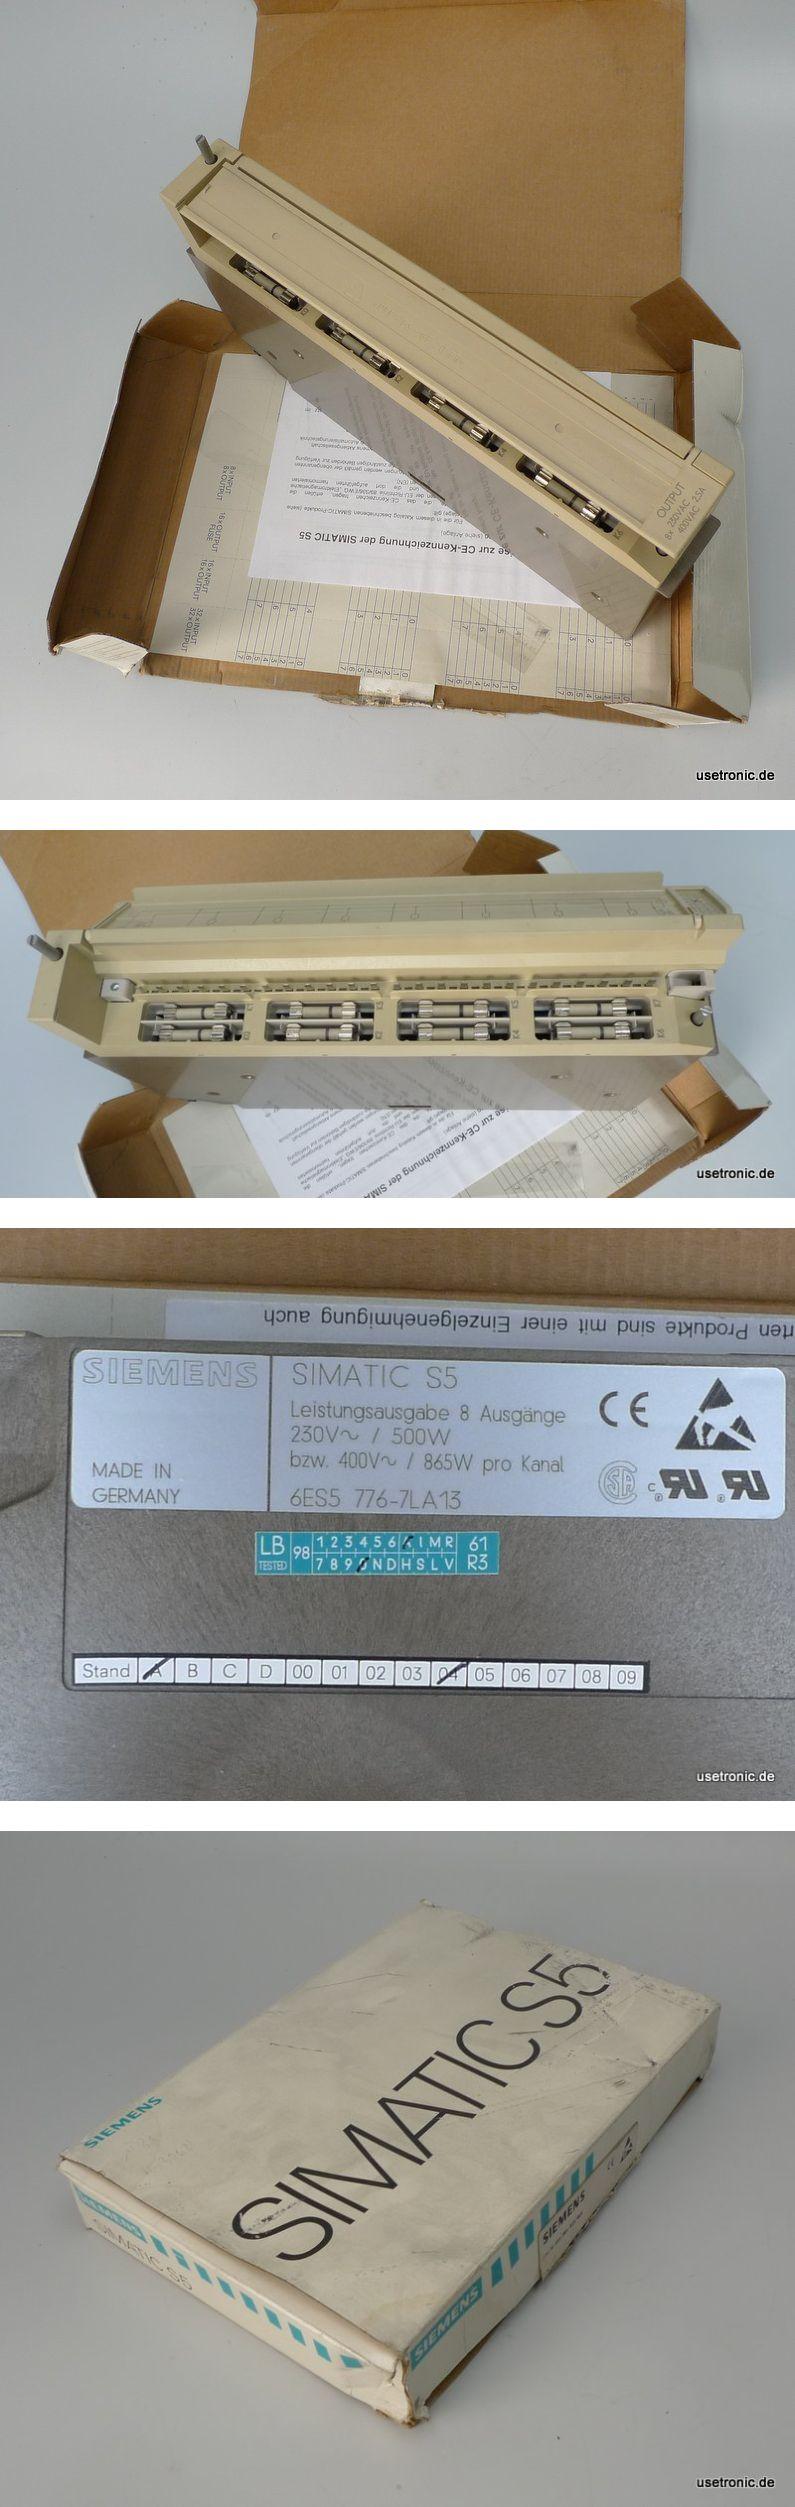 Siemens 6ES5 776-7LA13 6ES5776-7LA13